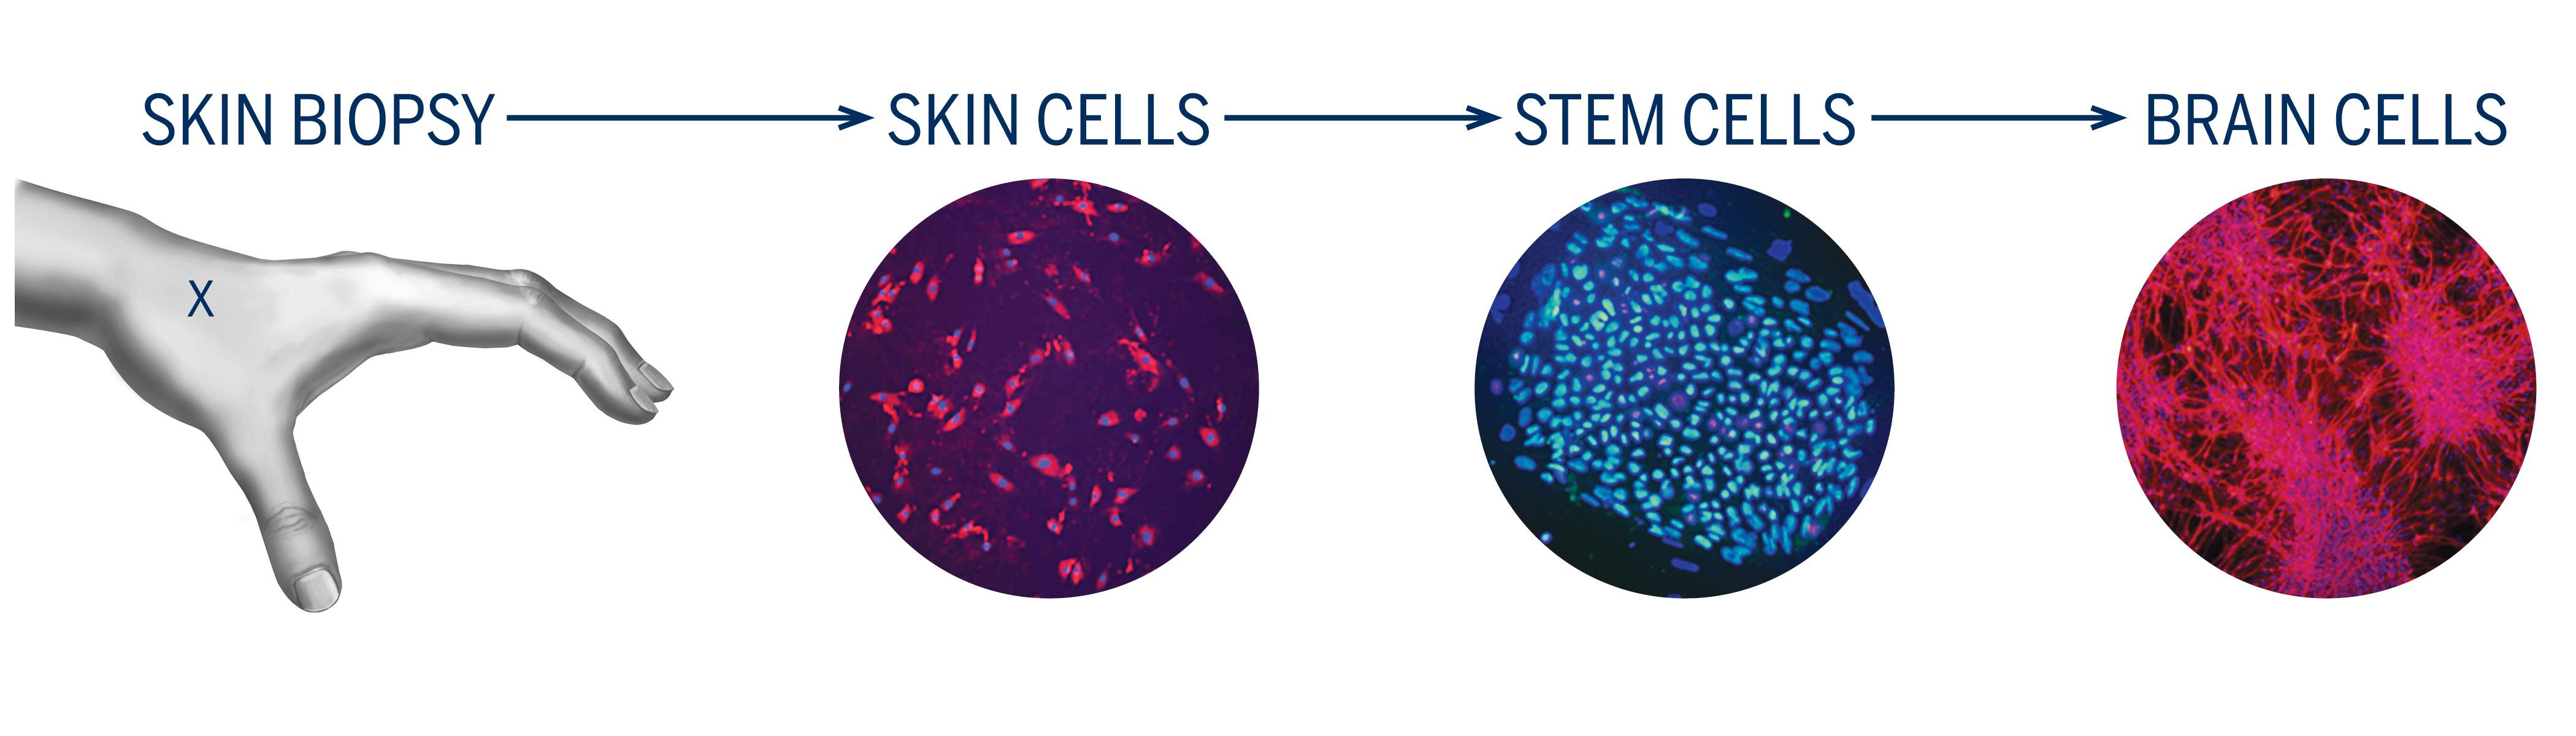 Skin biopsy image